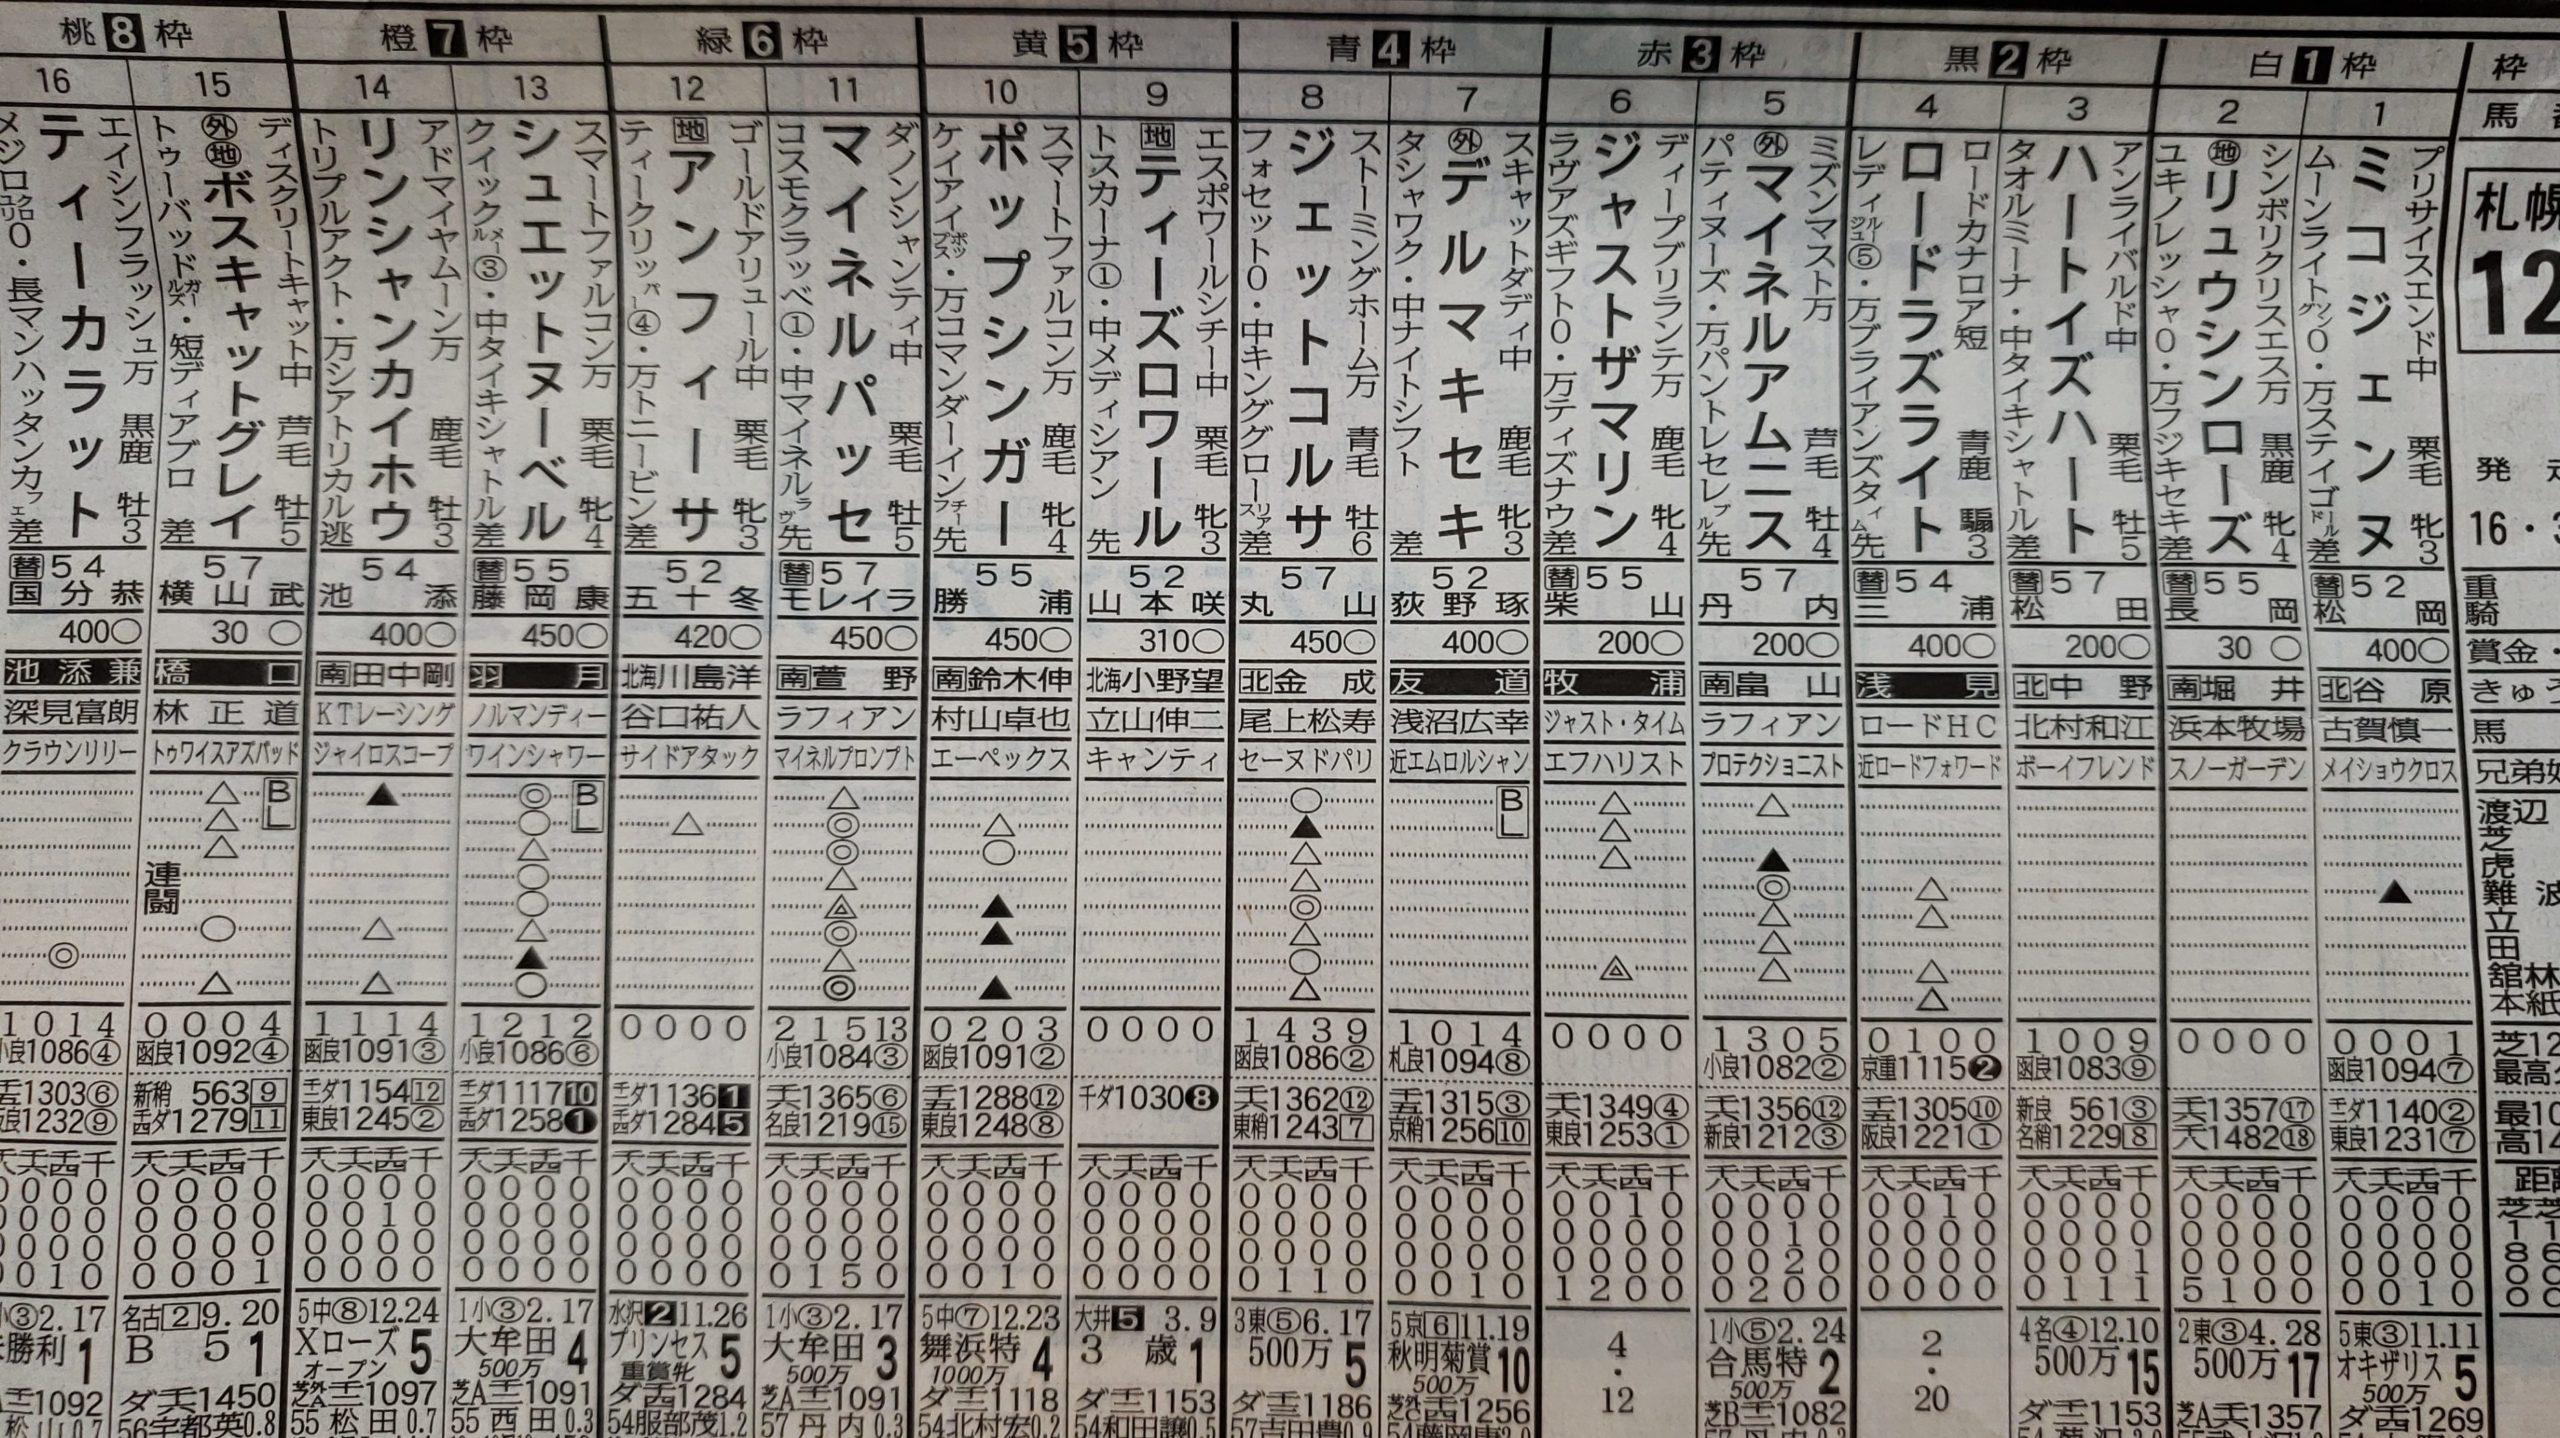 0819 札幌12R 出馬表@東スポ